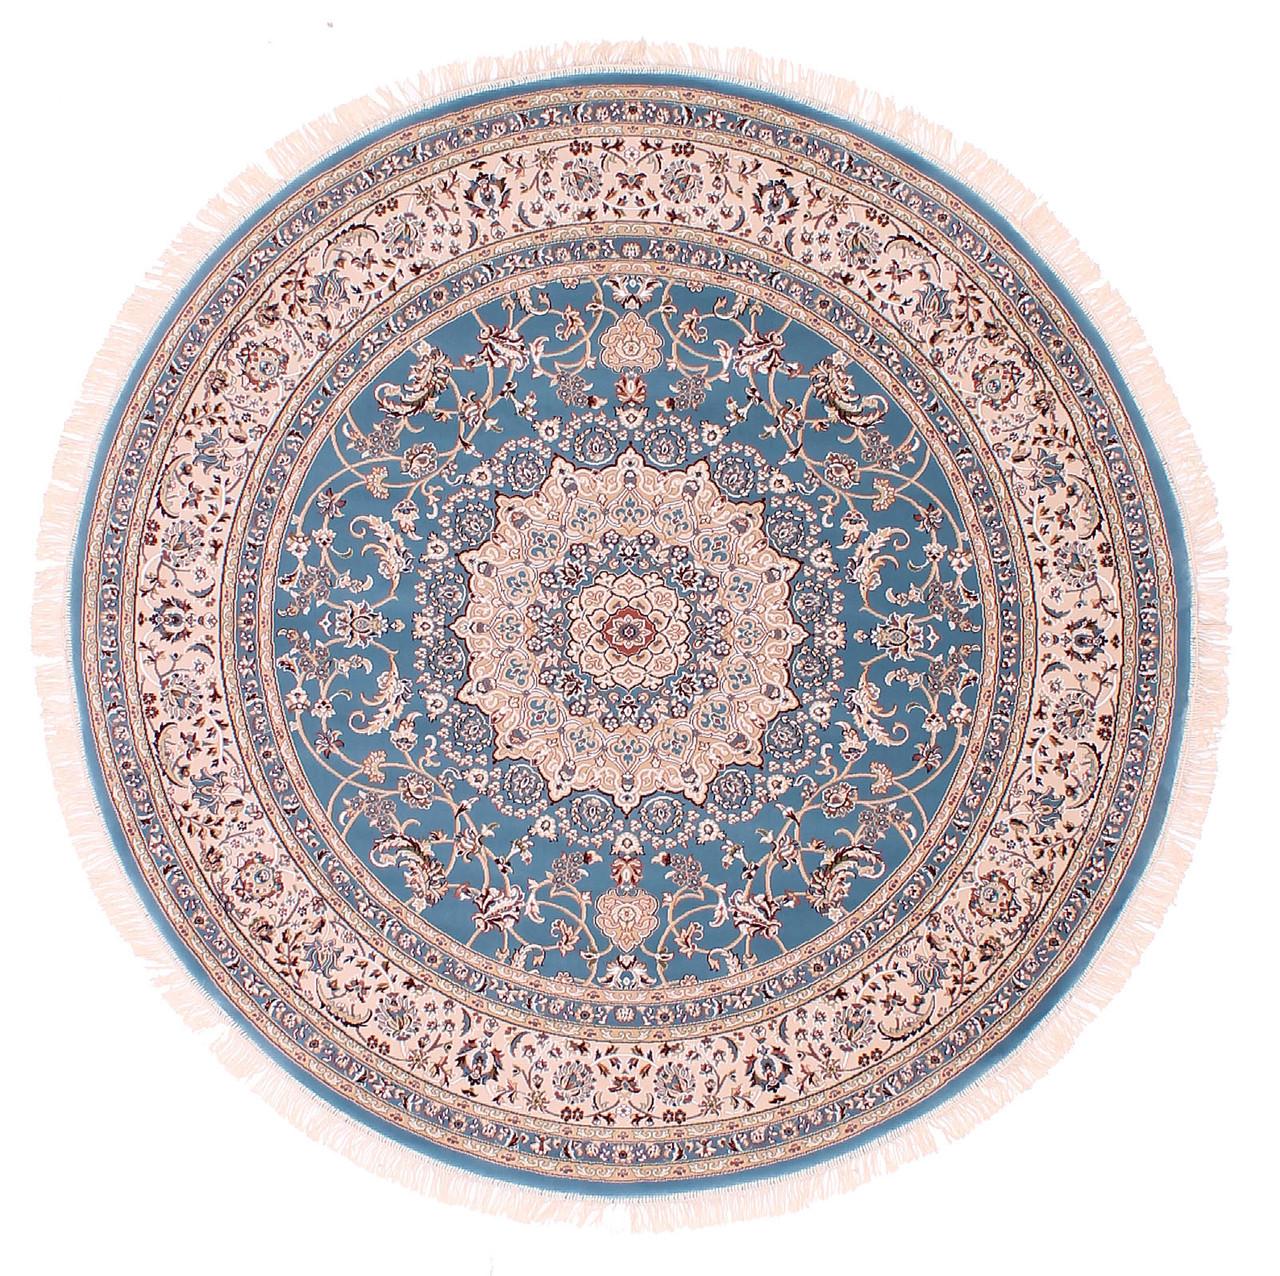 Коврик восточная классика ESFEHAN 4878A 1,2Х1,7 ЗЕЛЕНЫЙ прямоугольник